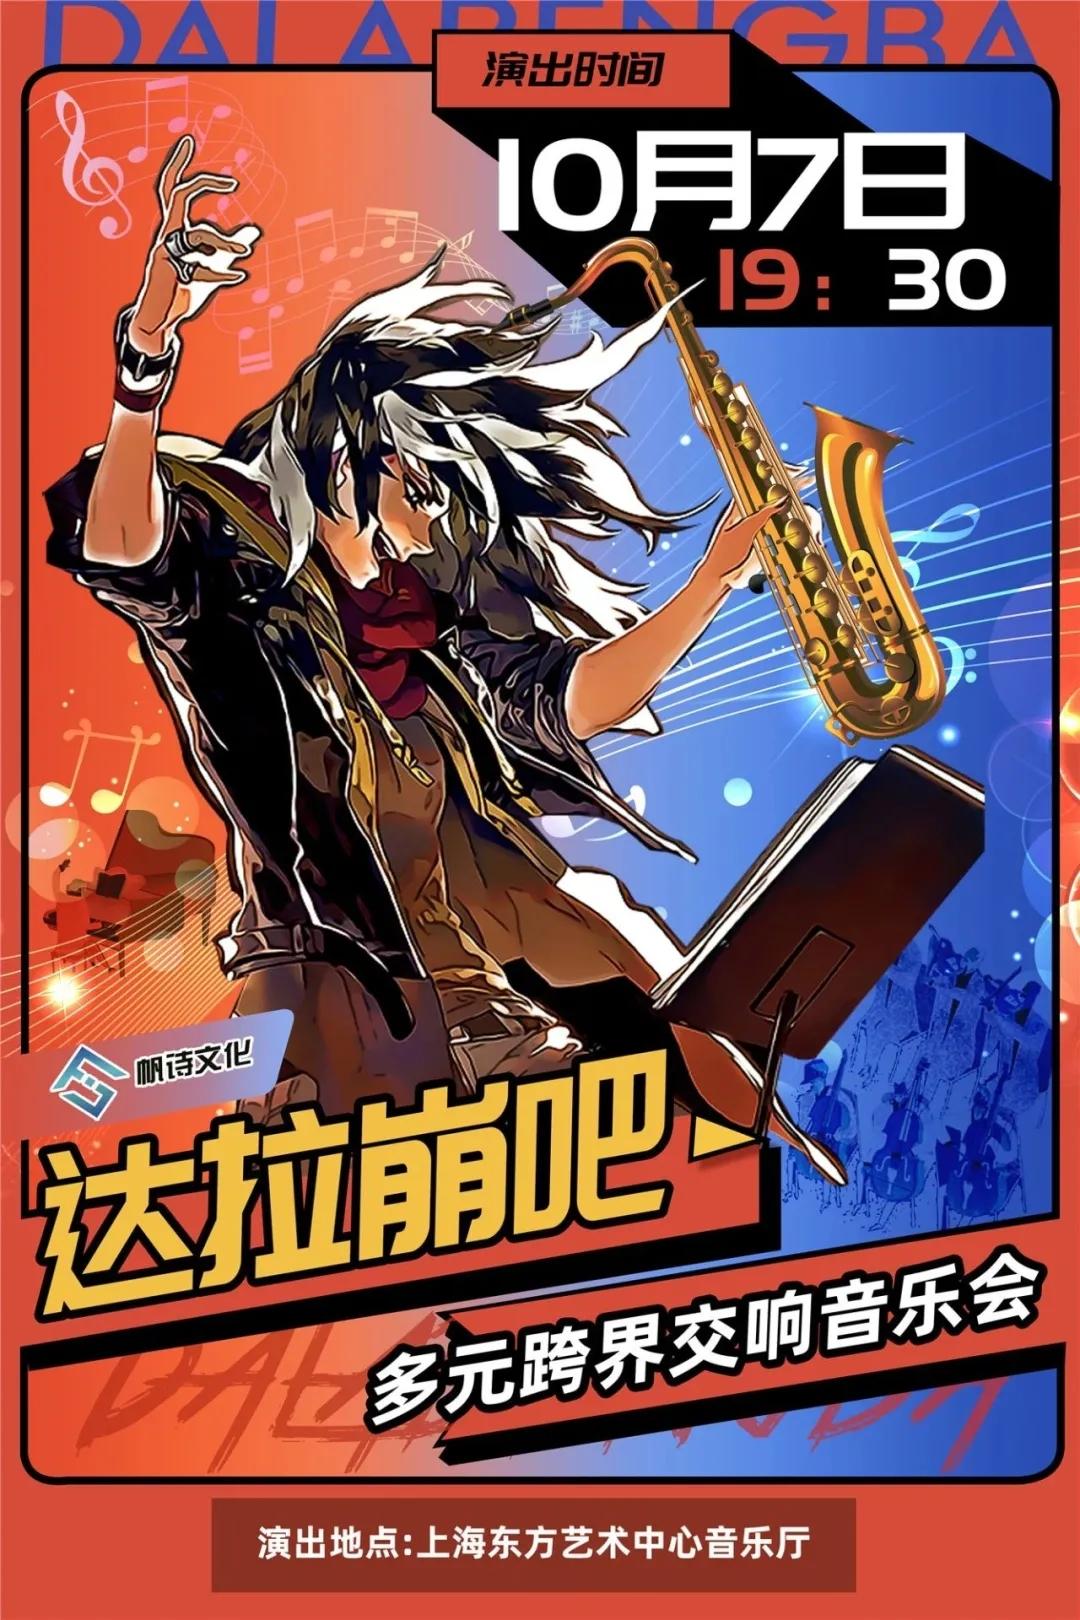 【上海】《达拉崩吧》多元跨界交响音乐会